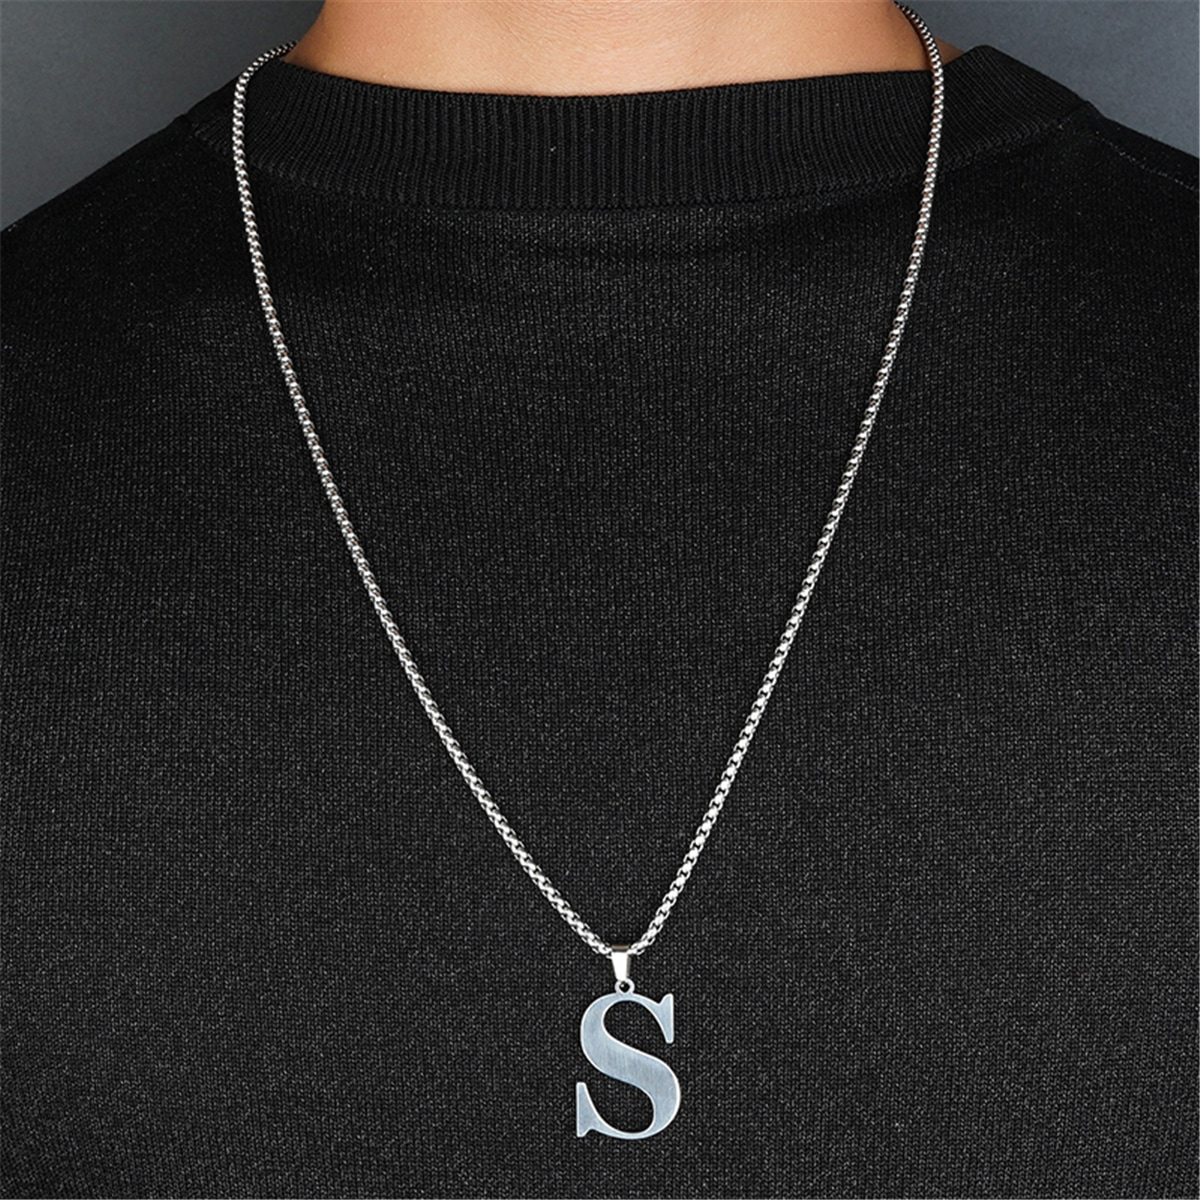 Ожерелье с подвеской буквы для мужчин